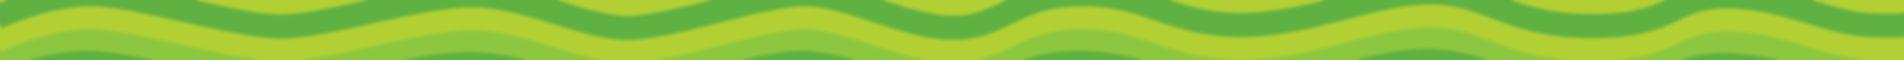 SU_WavyBorder_GRN.jpg